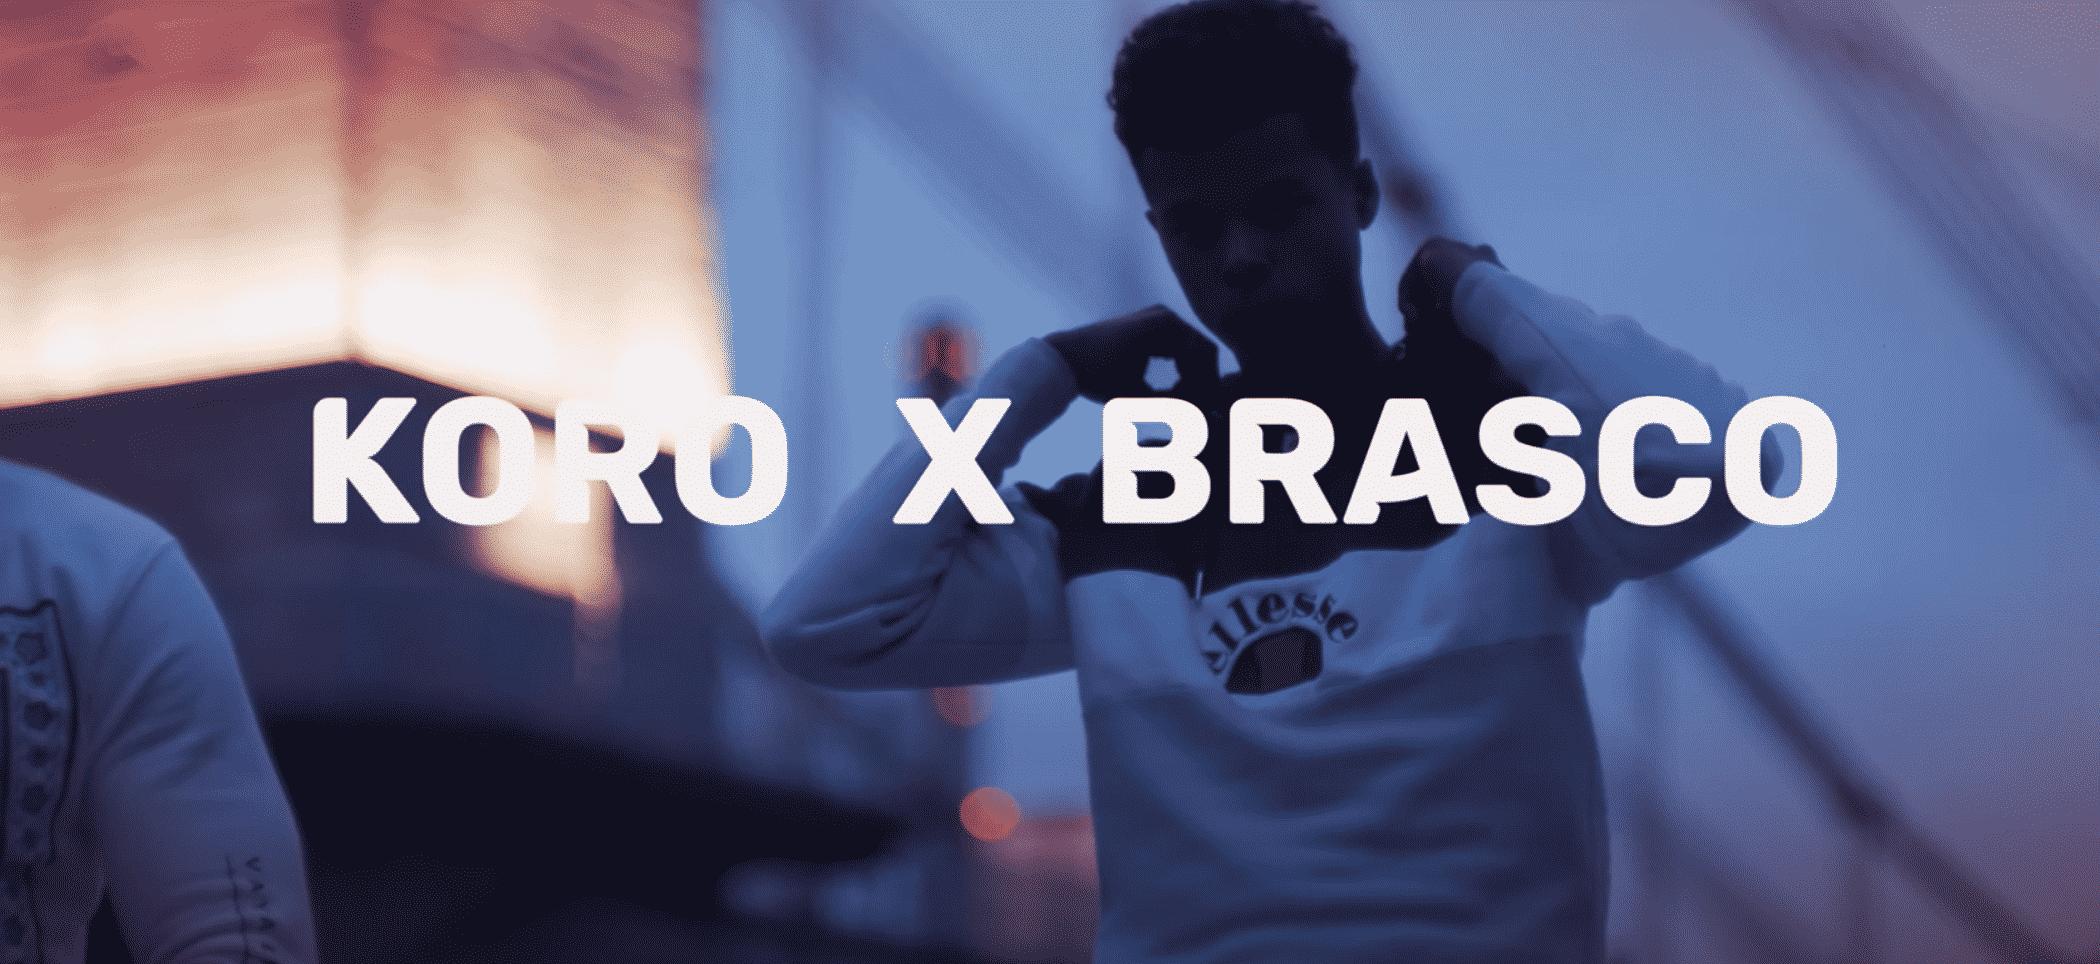 """Koro réalise un featuring avec Brasco, c'est """"Destiné"""""""